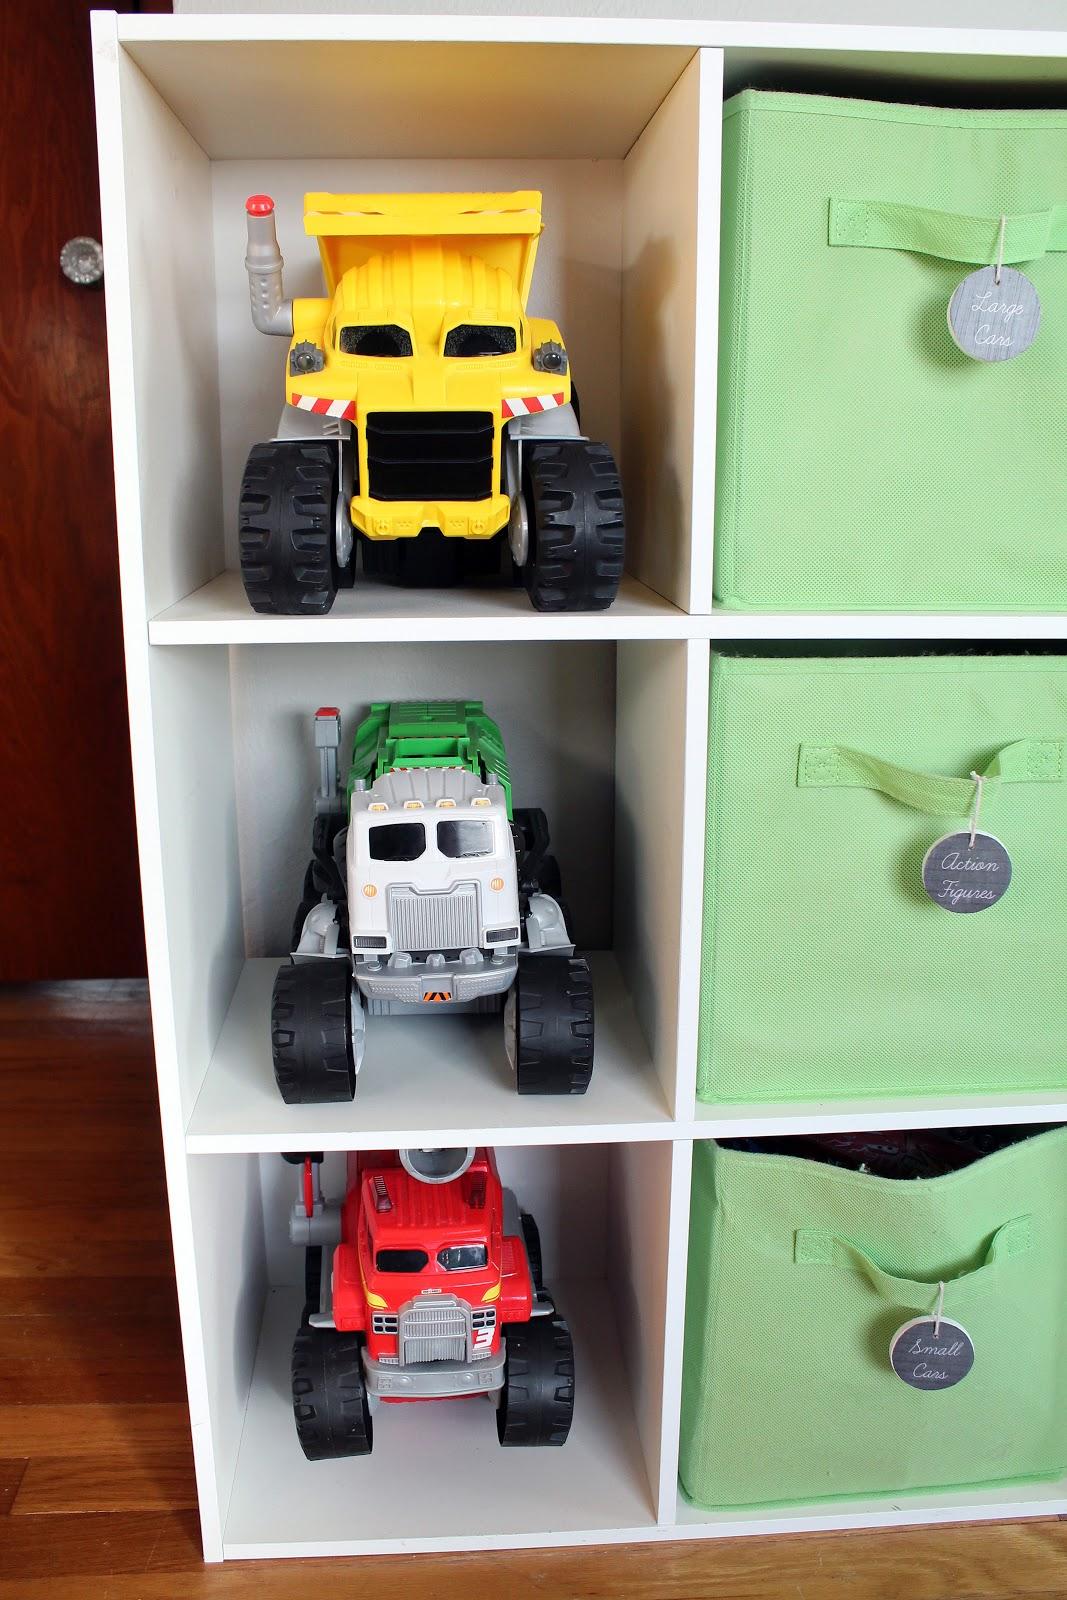 Best Toy Kitchen 7 Year Old